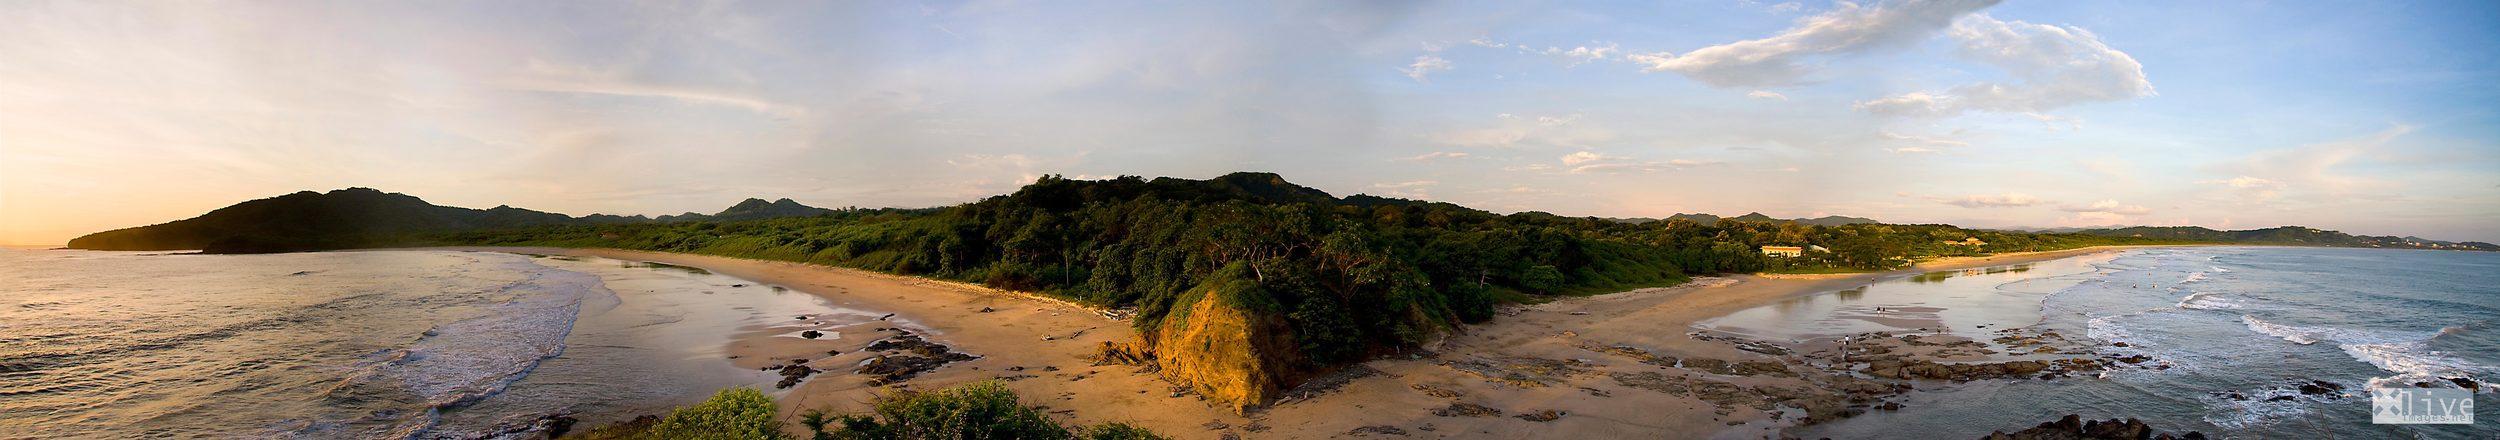 -LI 147- Playa Grande